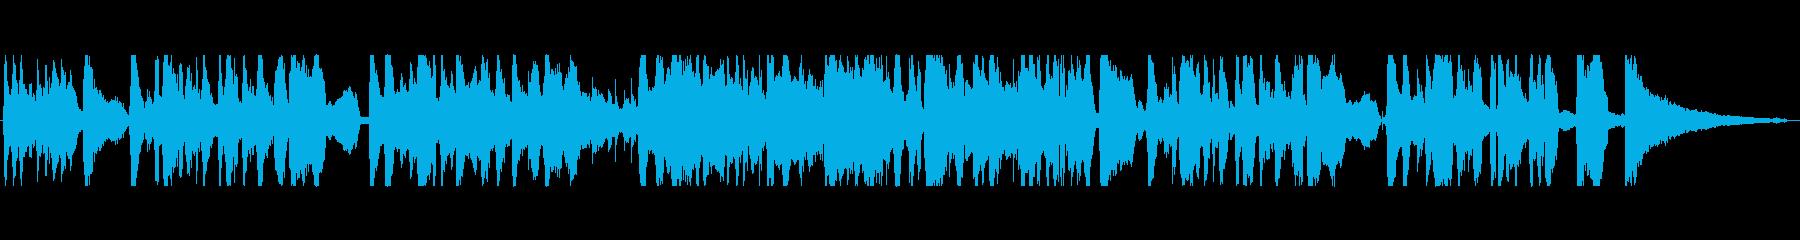 キウイをテーマにした楽曲の再生済みの波形